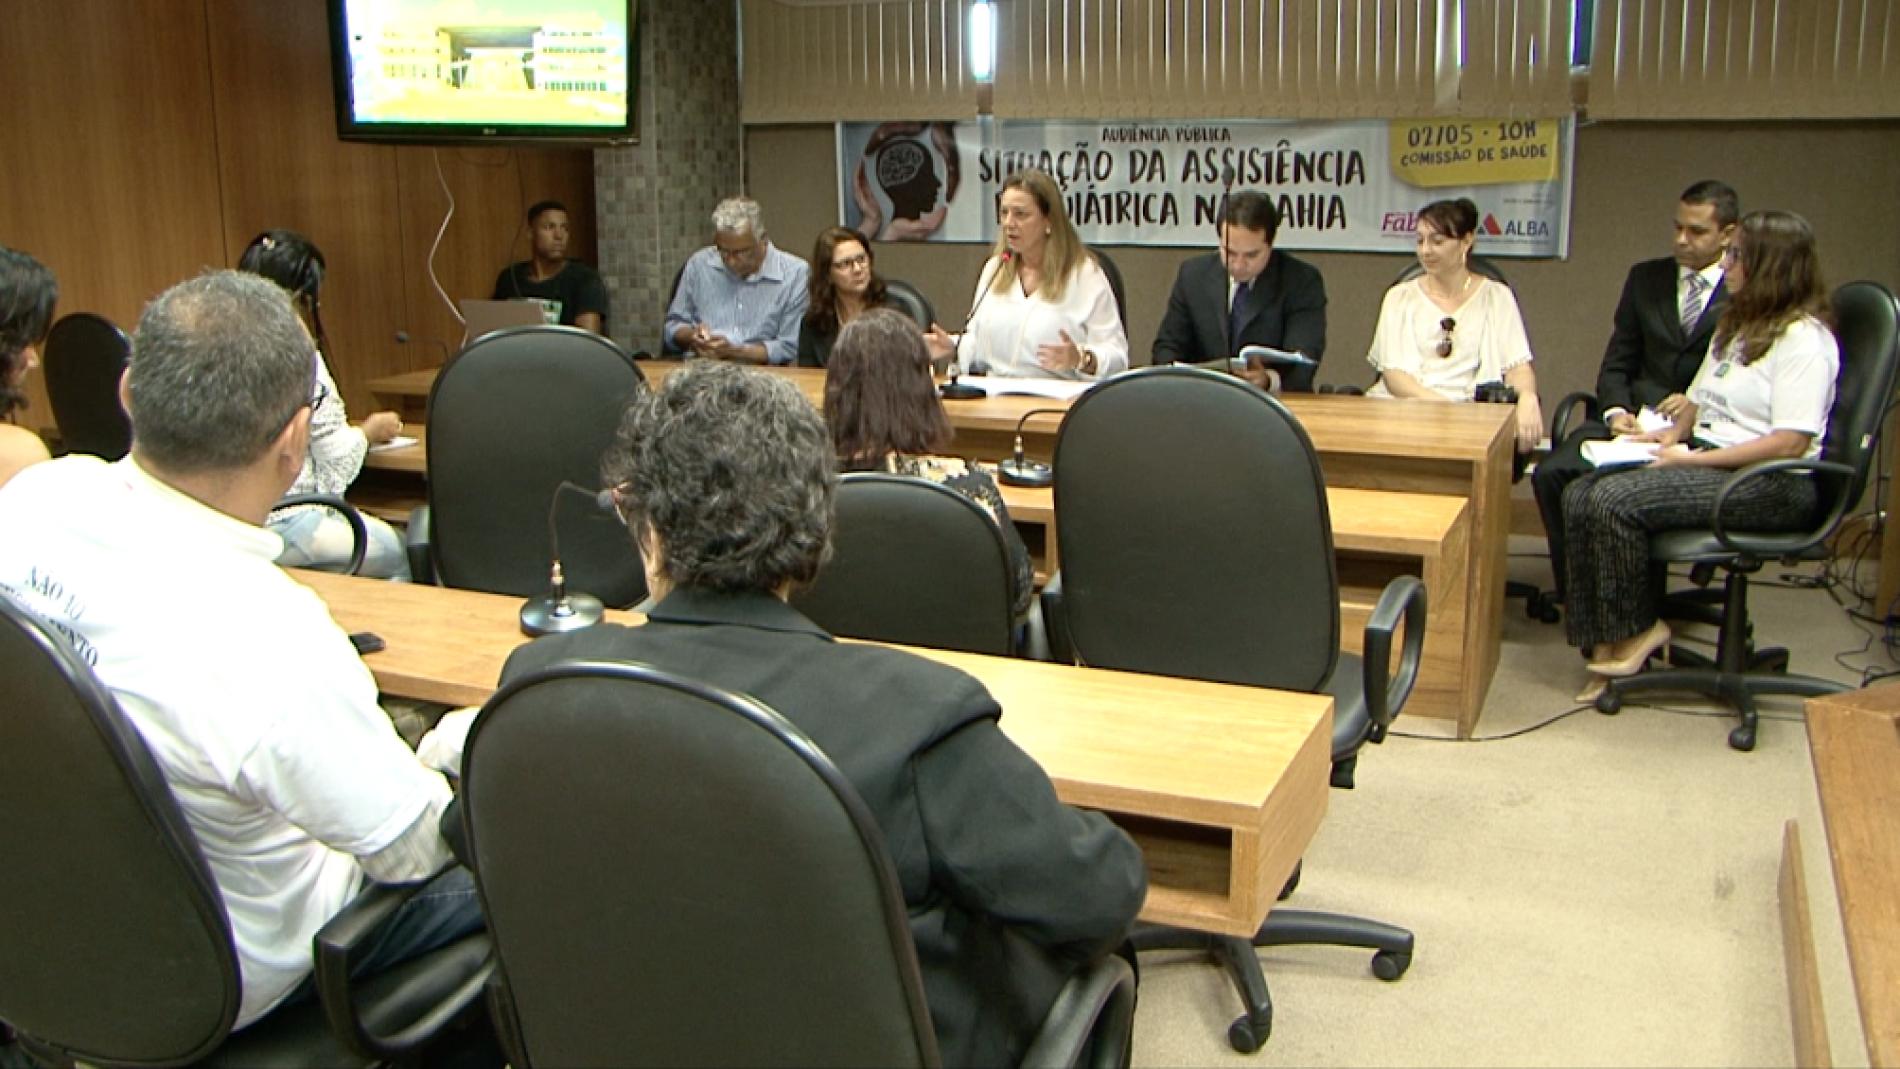 Audiência pública trata sobre situação da assistência psiquiátrica na Bahia